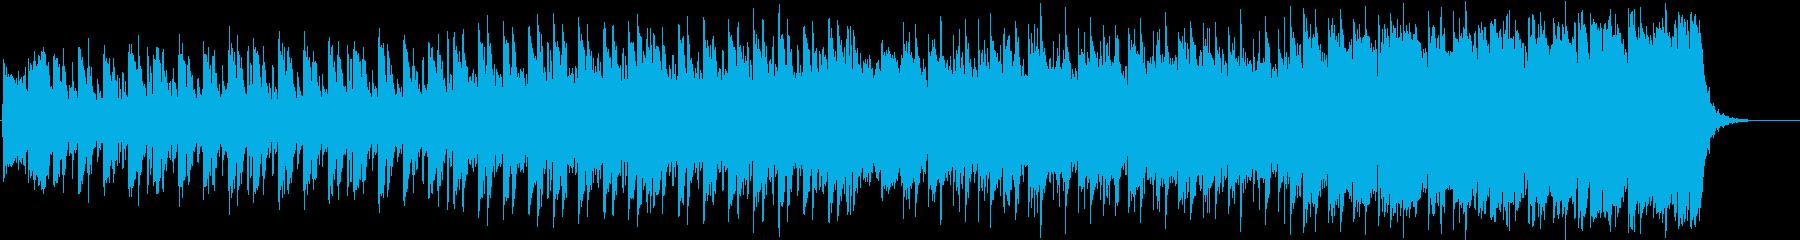 聖歌隊とシンセ、壮大で幻想的なオケBGMの再生済みの波形